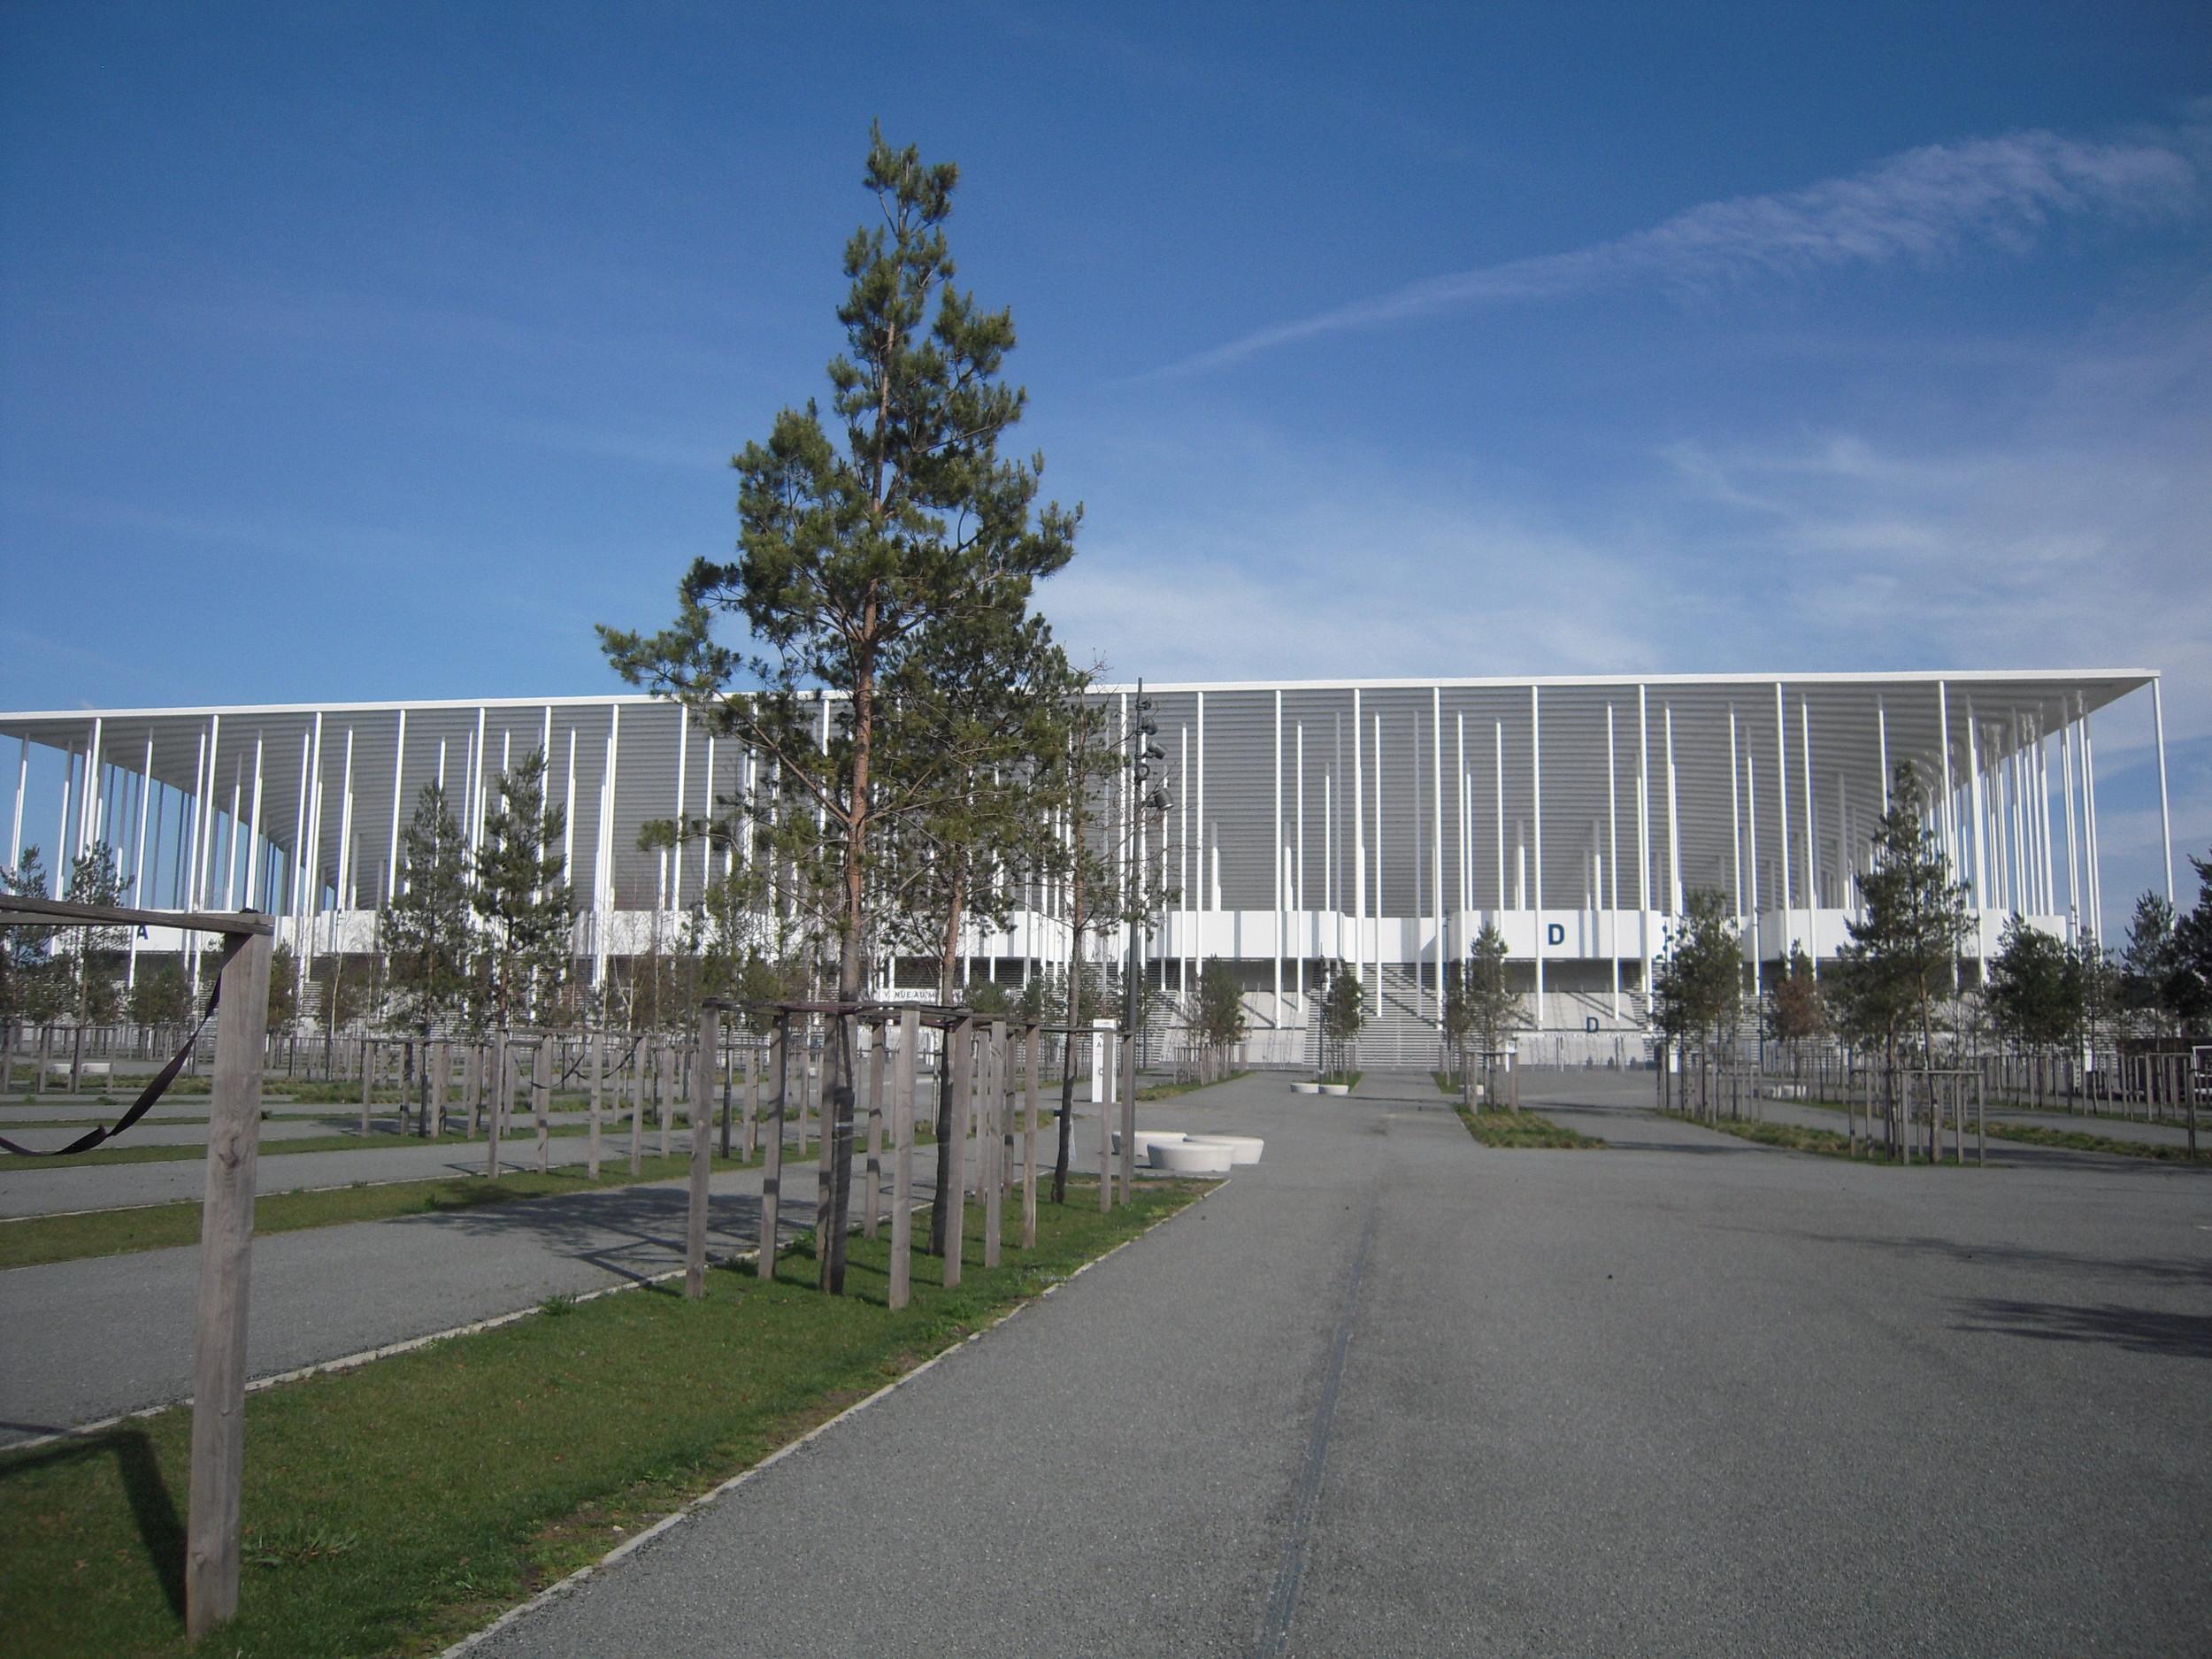 Det nye matmut Atlantique er EM-slutrundens smukkeste stadion og et vartegn for Bordeaux i det sydvestlige Frankrig. Foto: Flickr/ patrick janicek /   CC BY 2.0